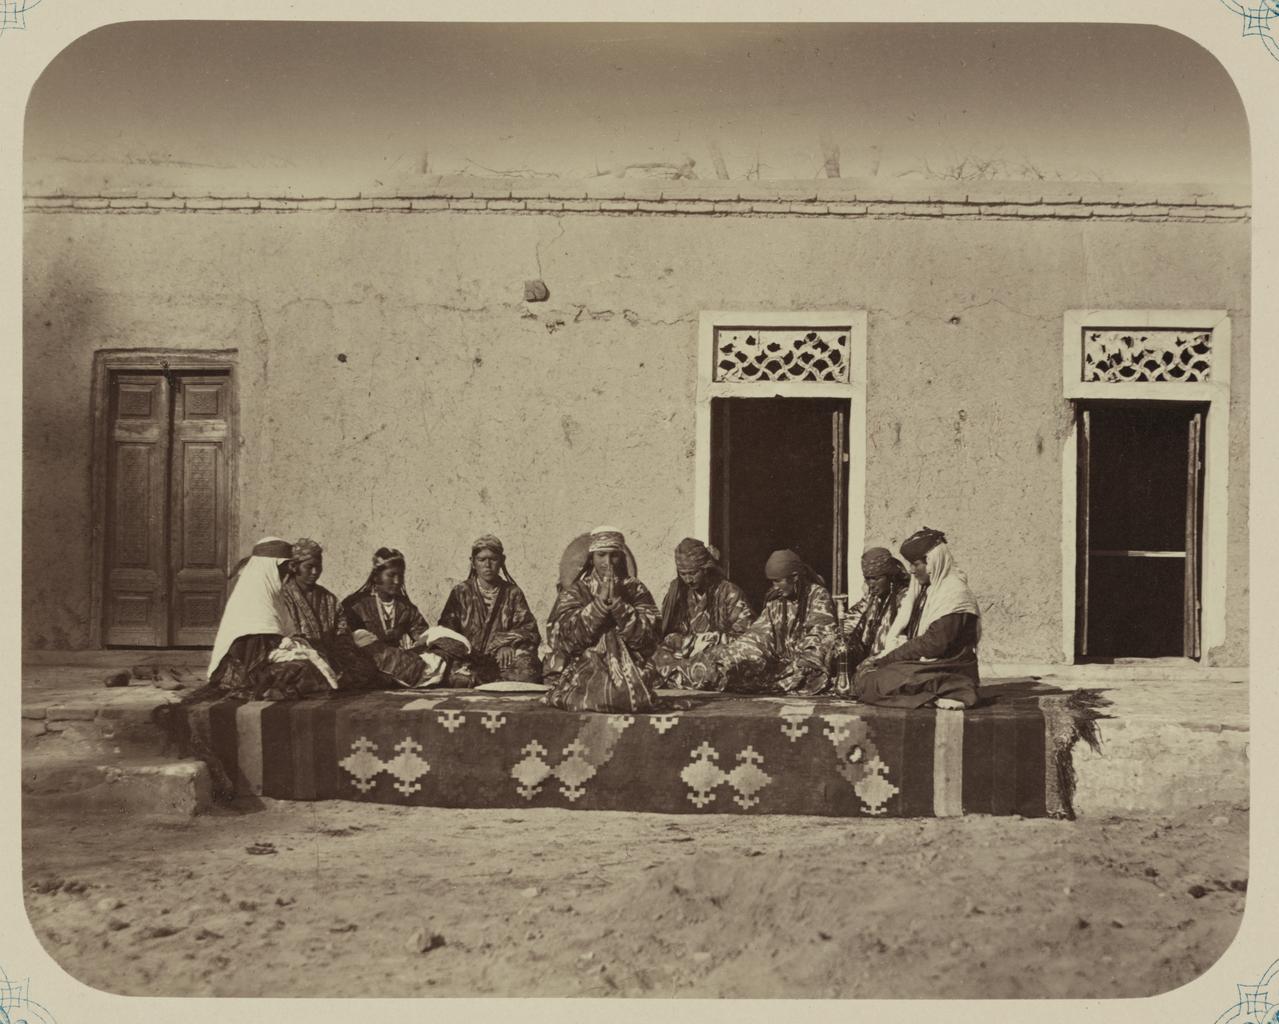 Группа исполнительниц, возможно, узбечек, сидящих на коленях на ковре